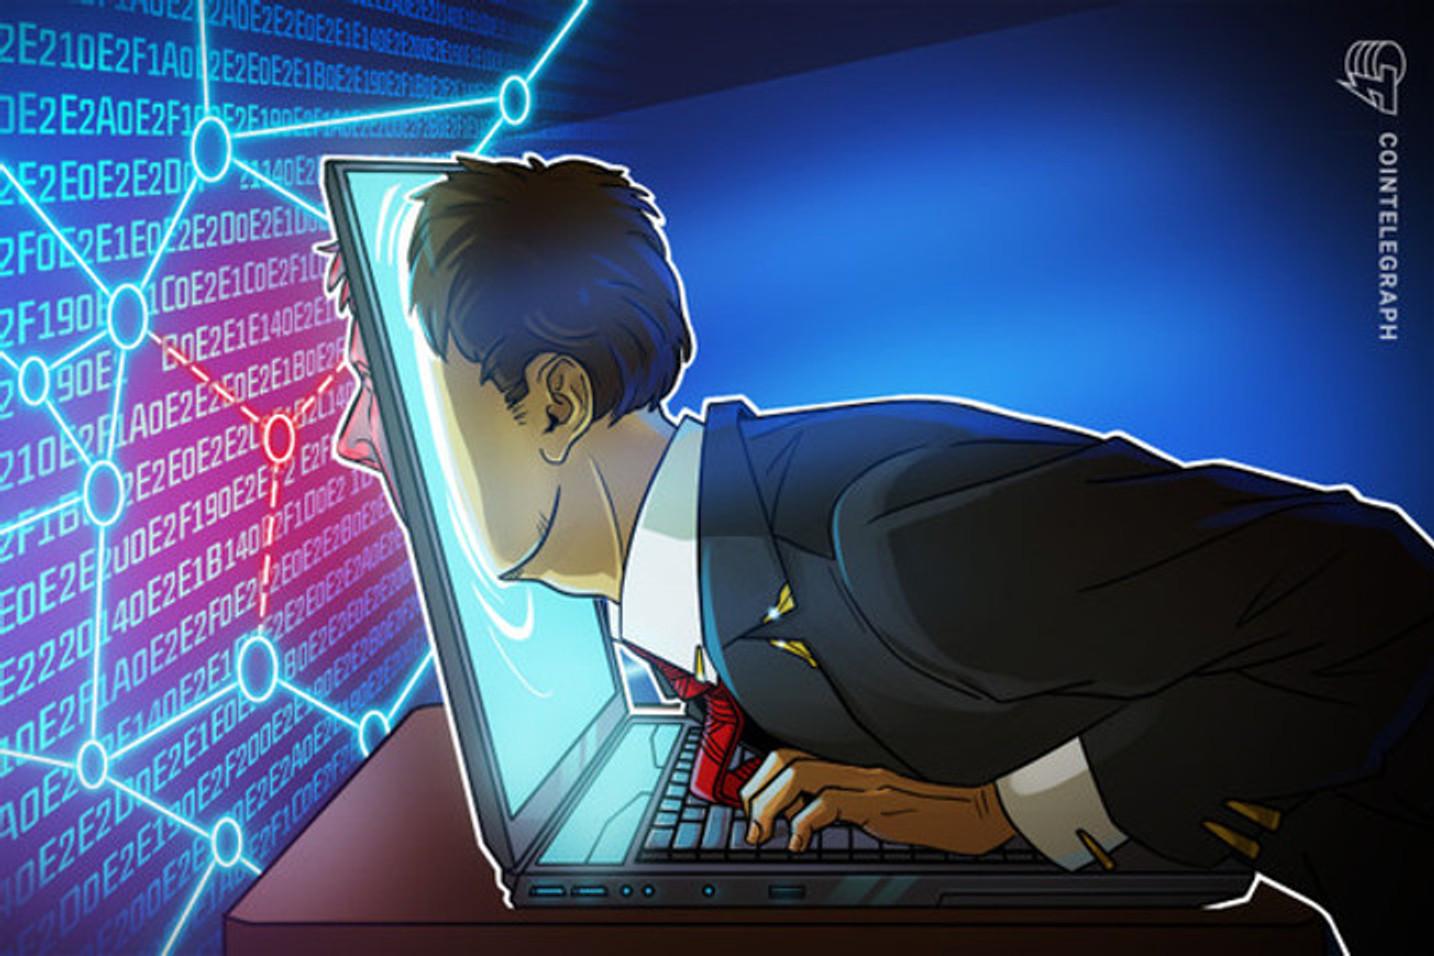 Criptomoeda de graça: NovaDax e Binance vão dar mais de US$ 105 mil em tokens EasyFi V2 e Vechain